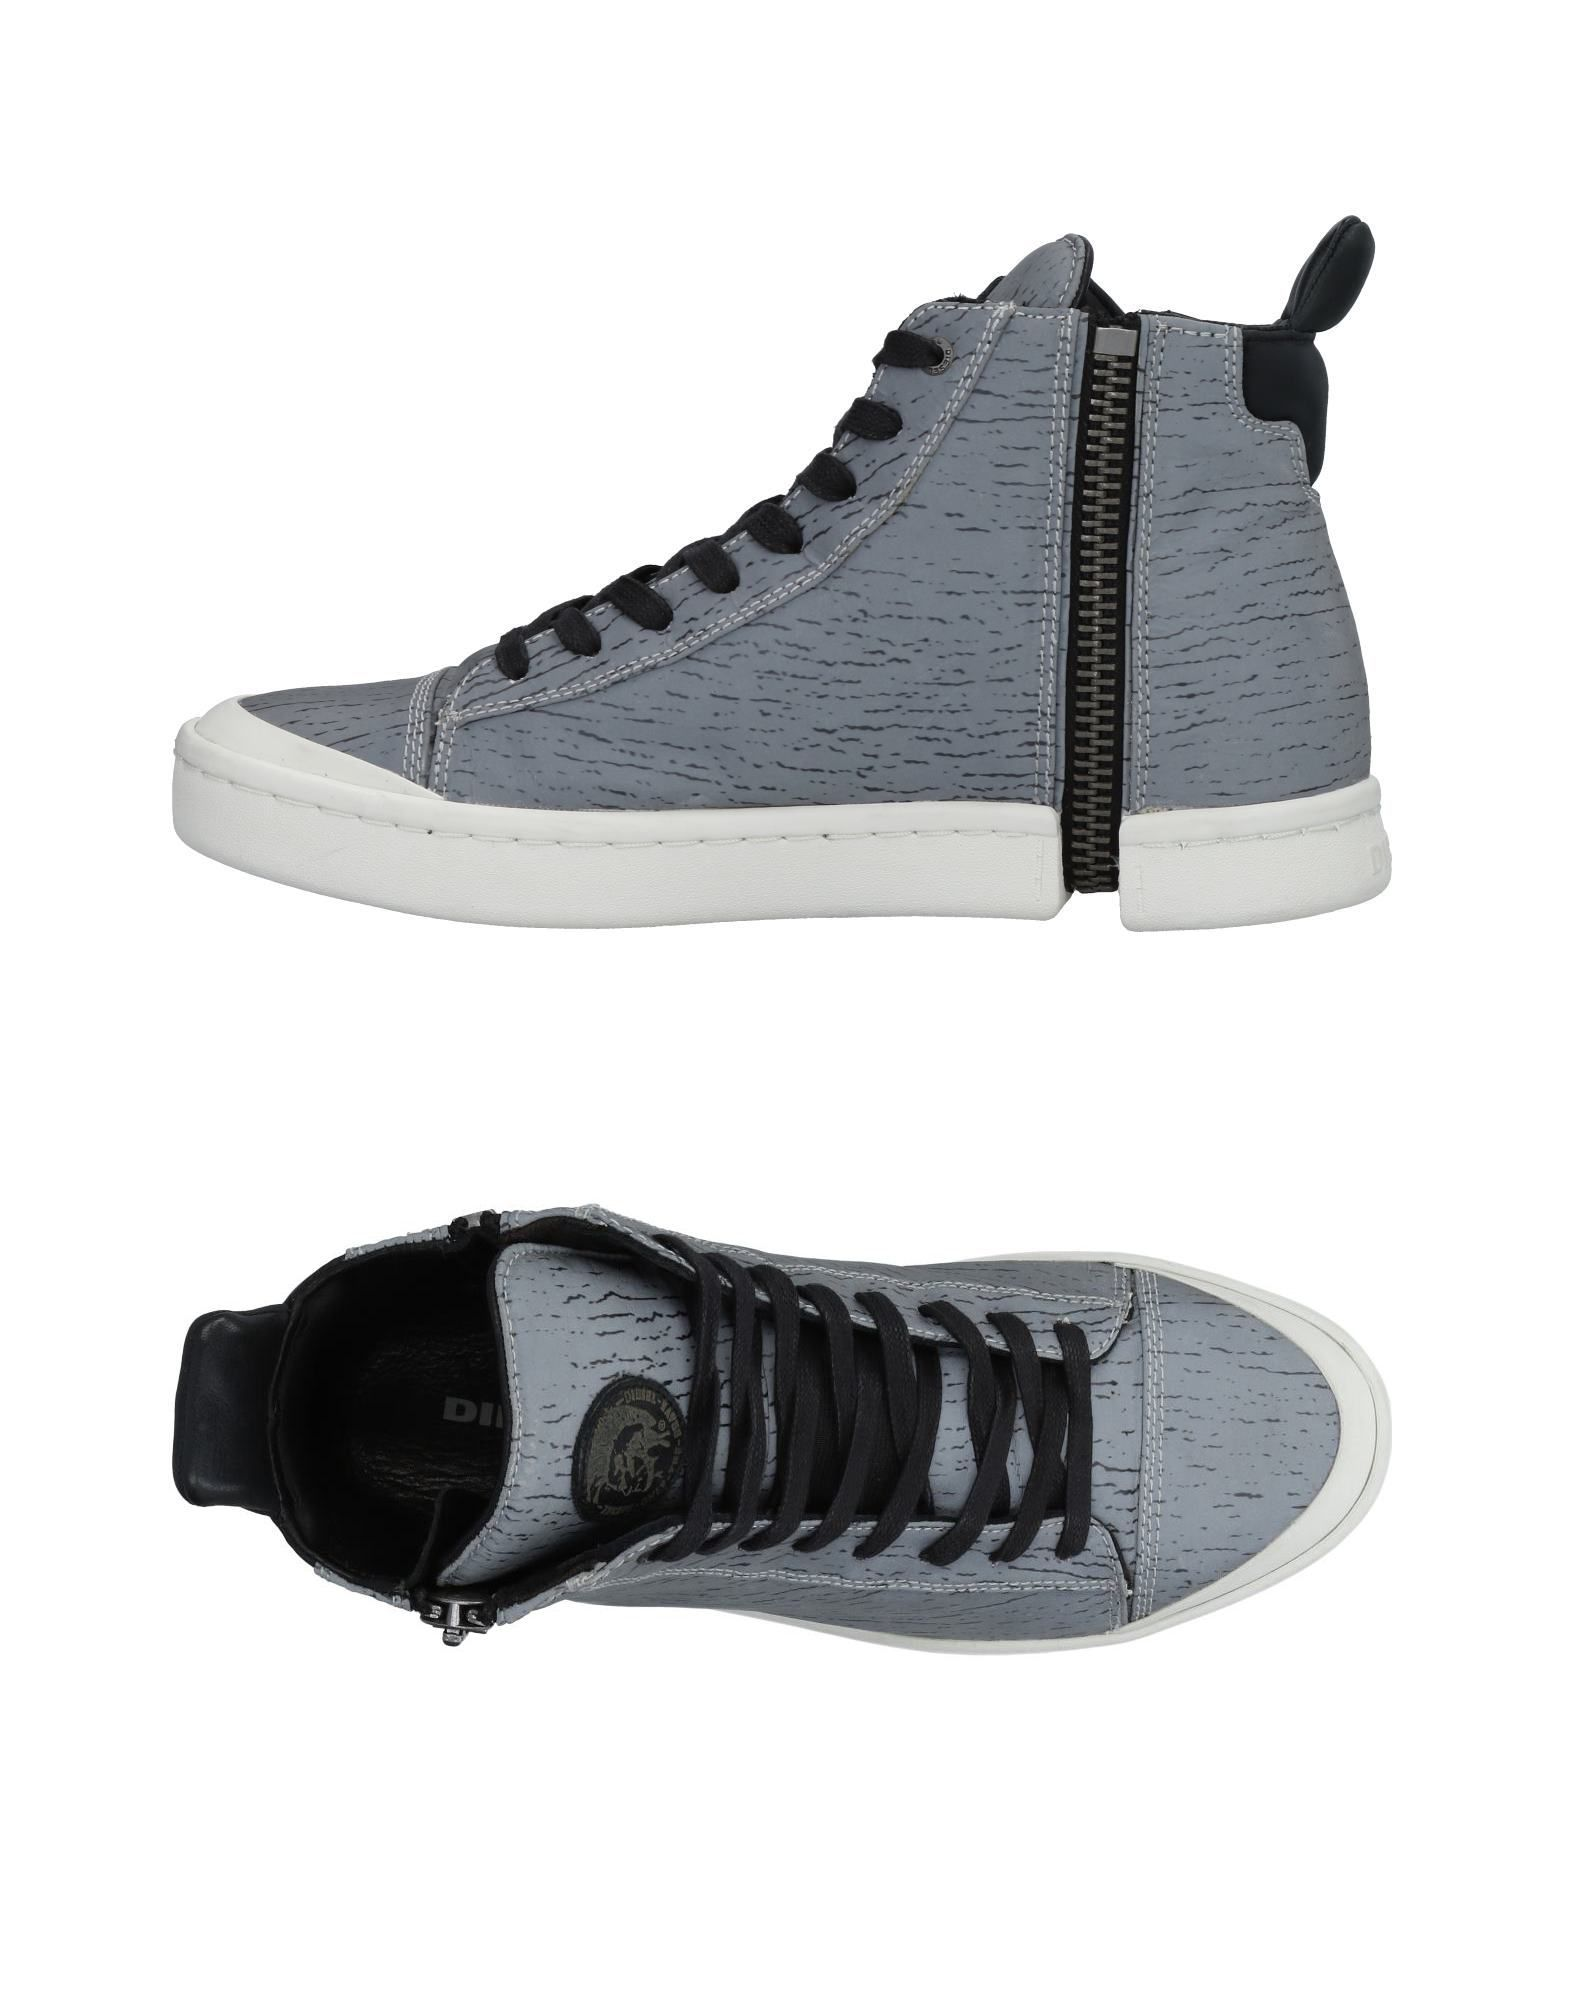 Diesel Sneakers Herren  11476654VF Gute Qualität beliebte Schuhe